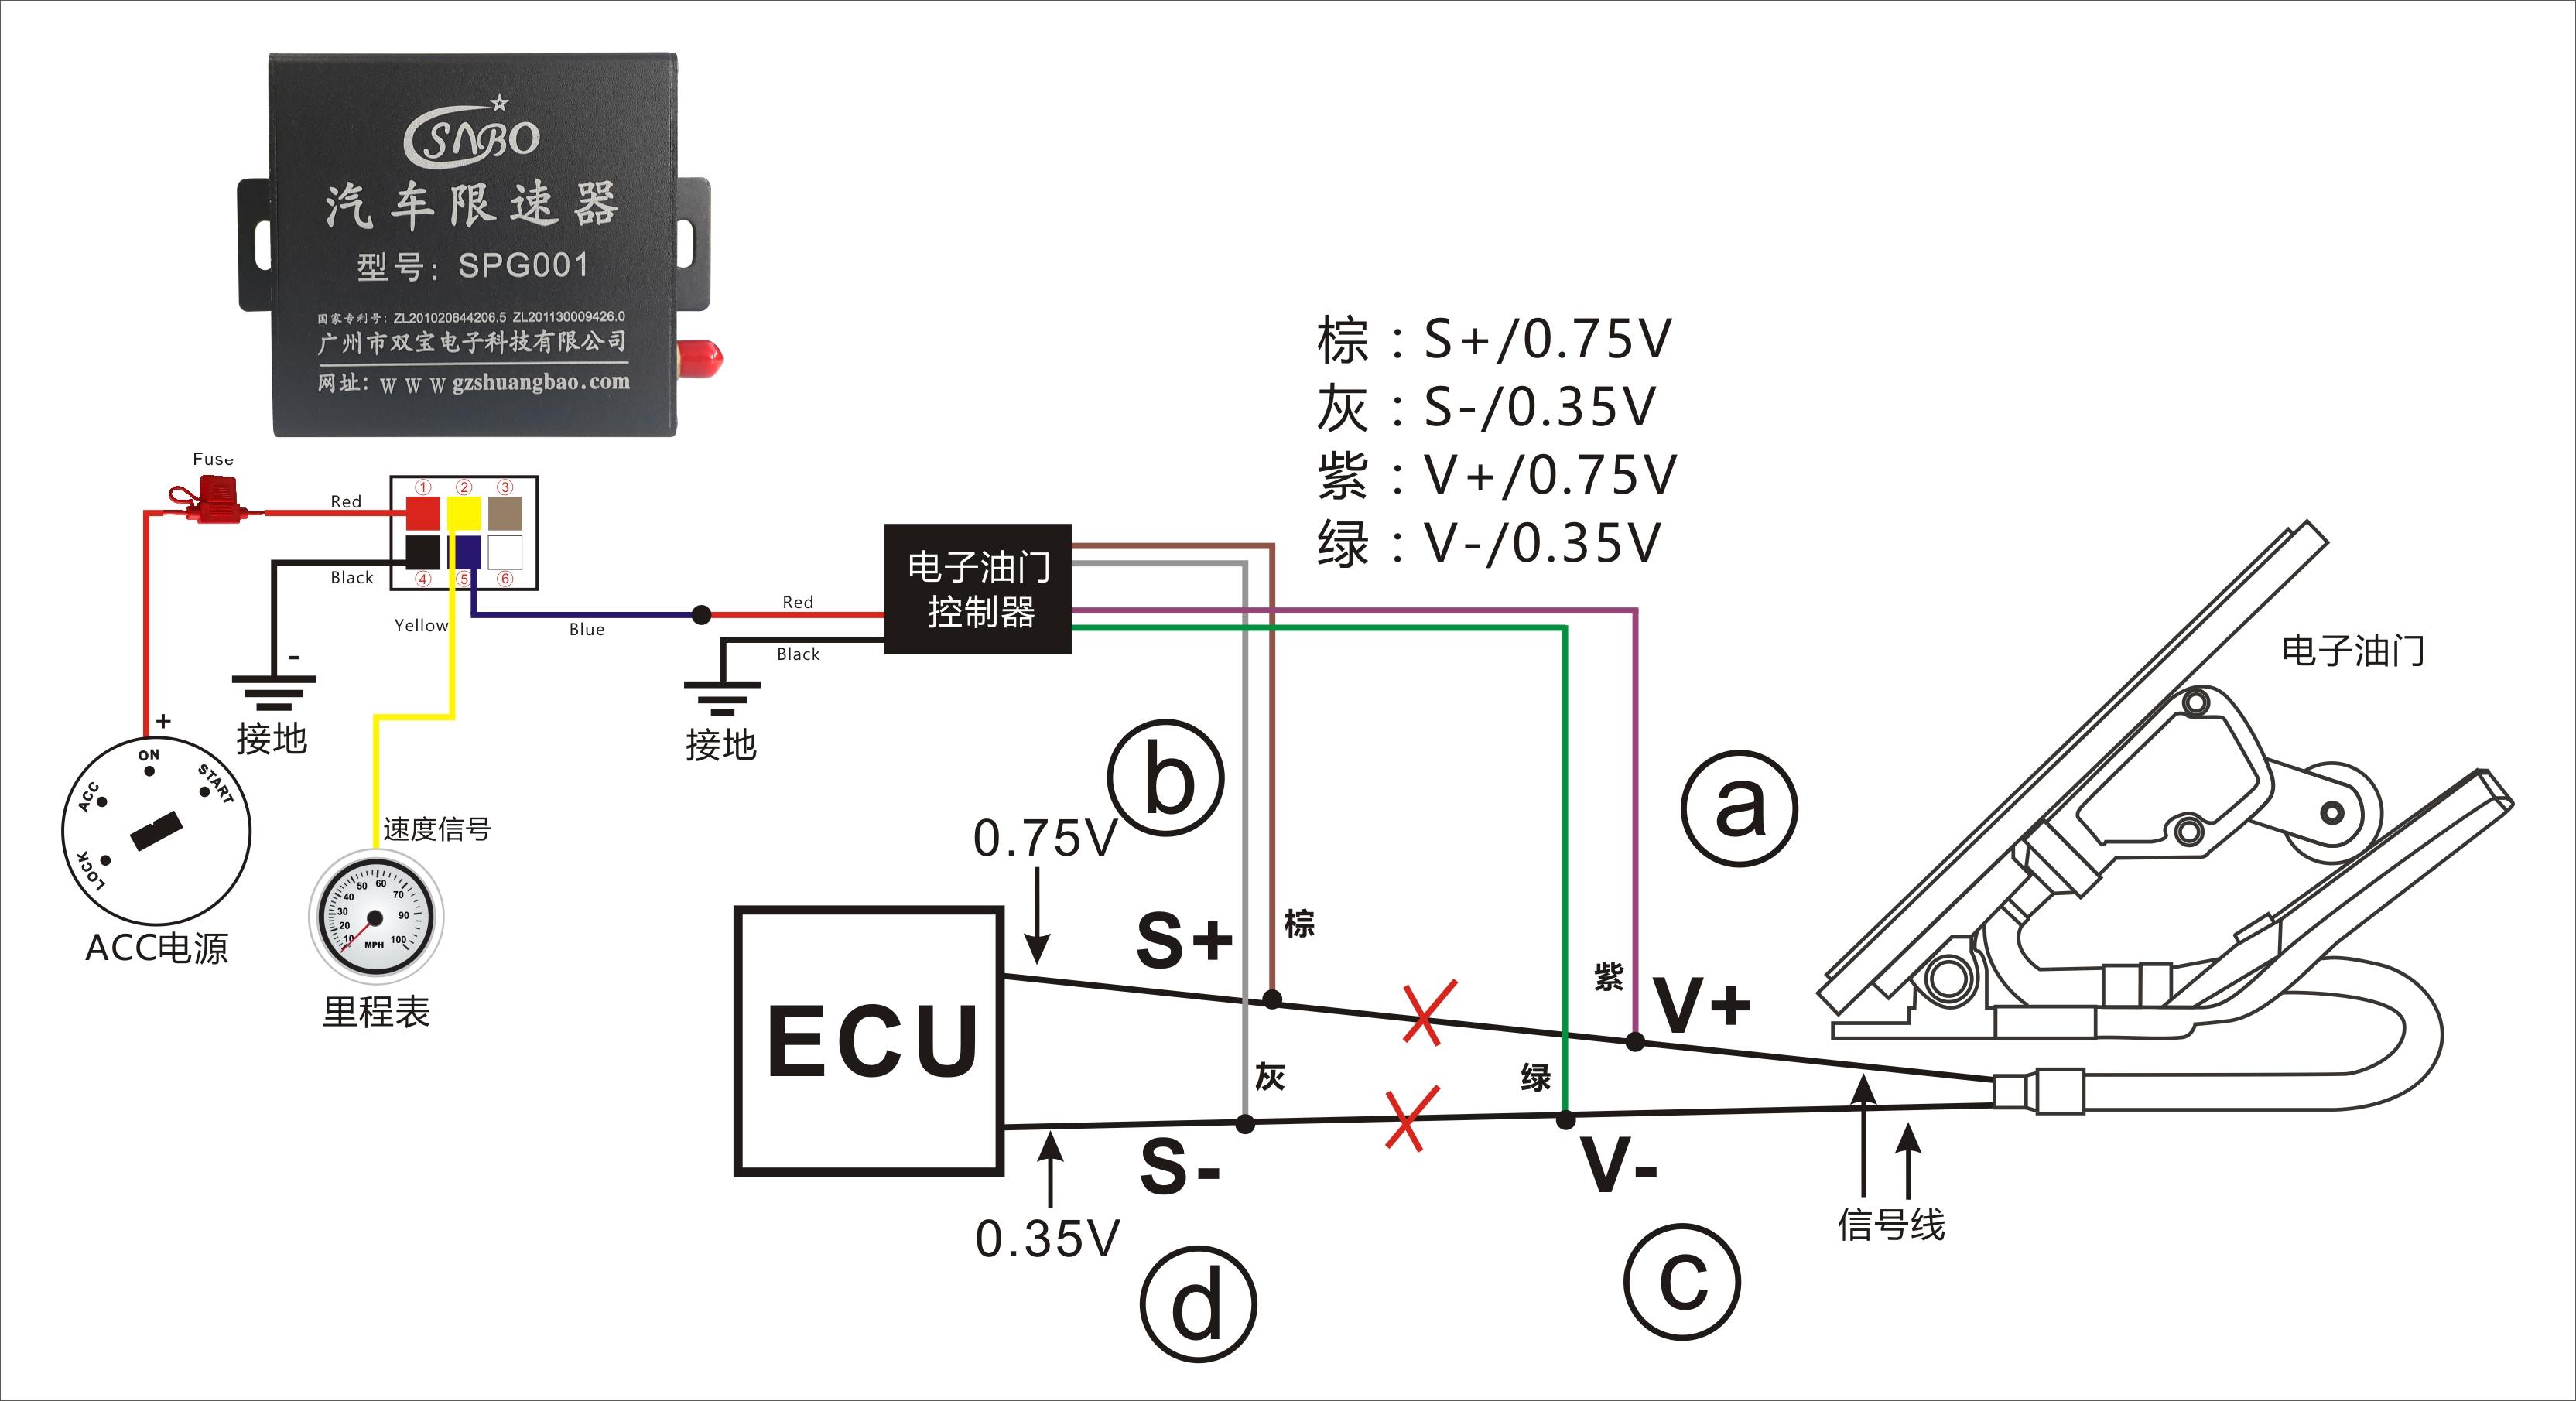 油门踏板汽车系统包括:油门踏板,电子控制单元(ecu),电机,节气门